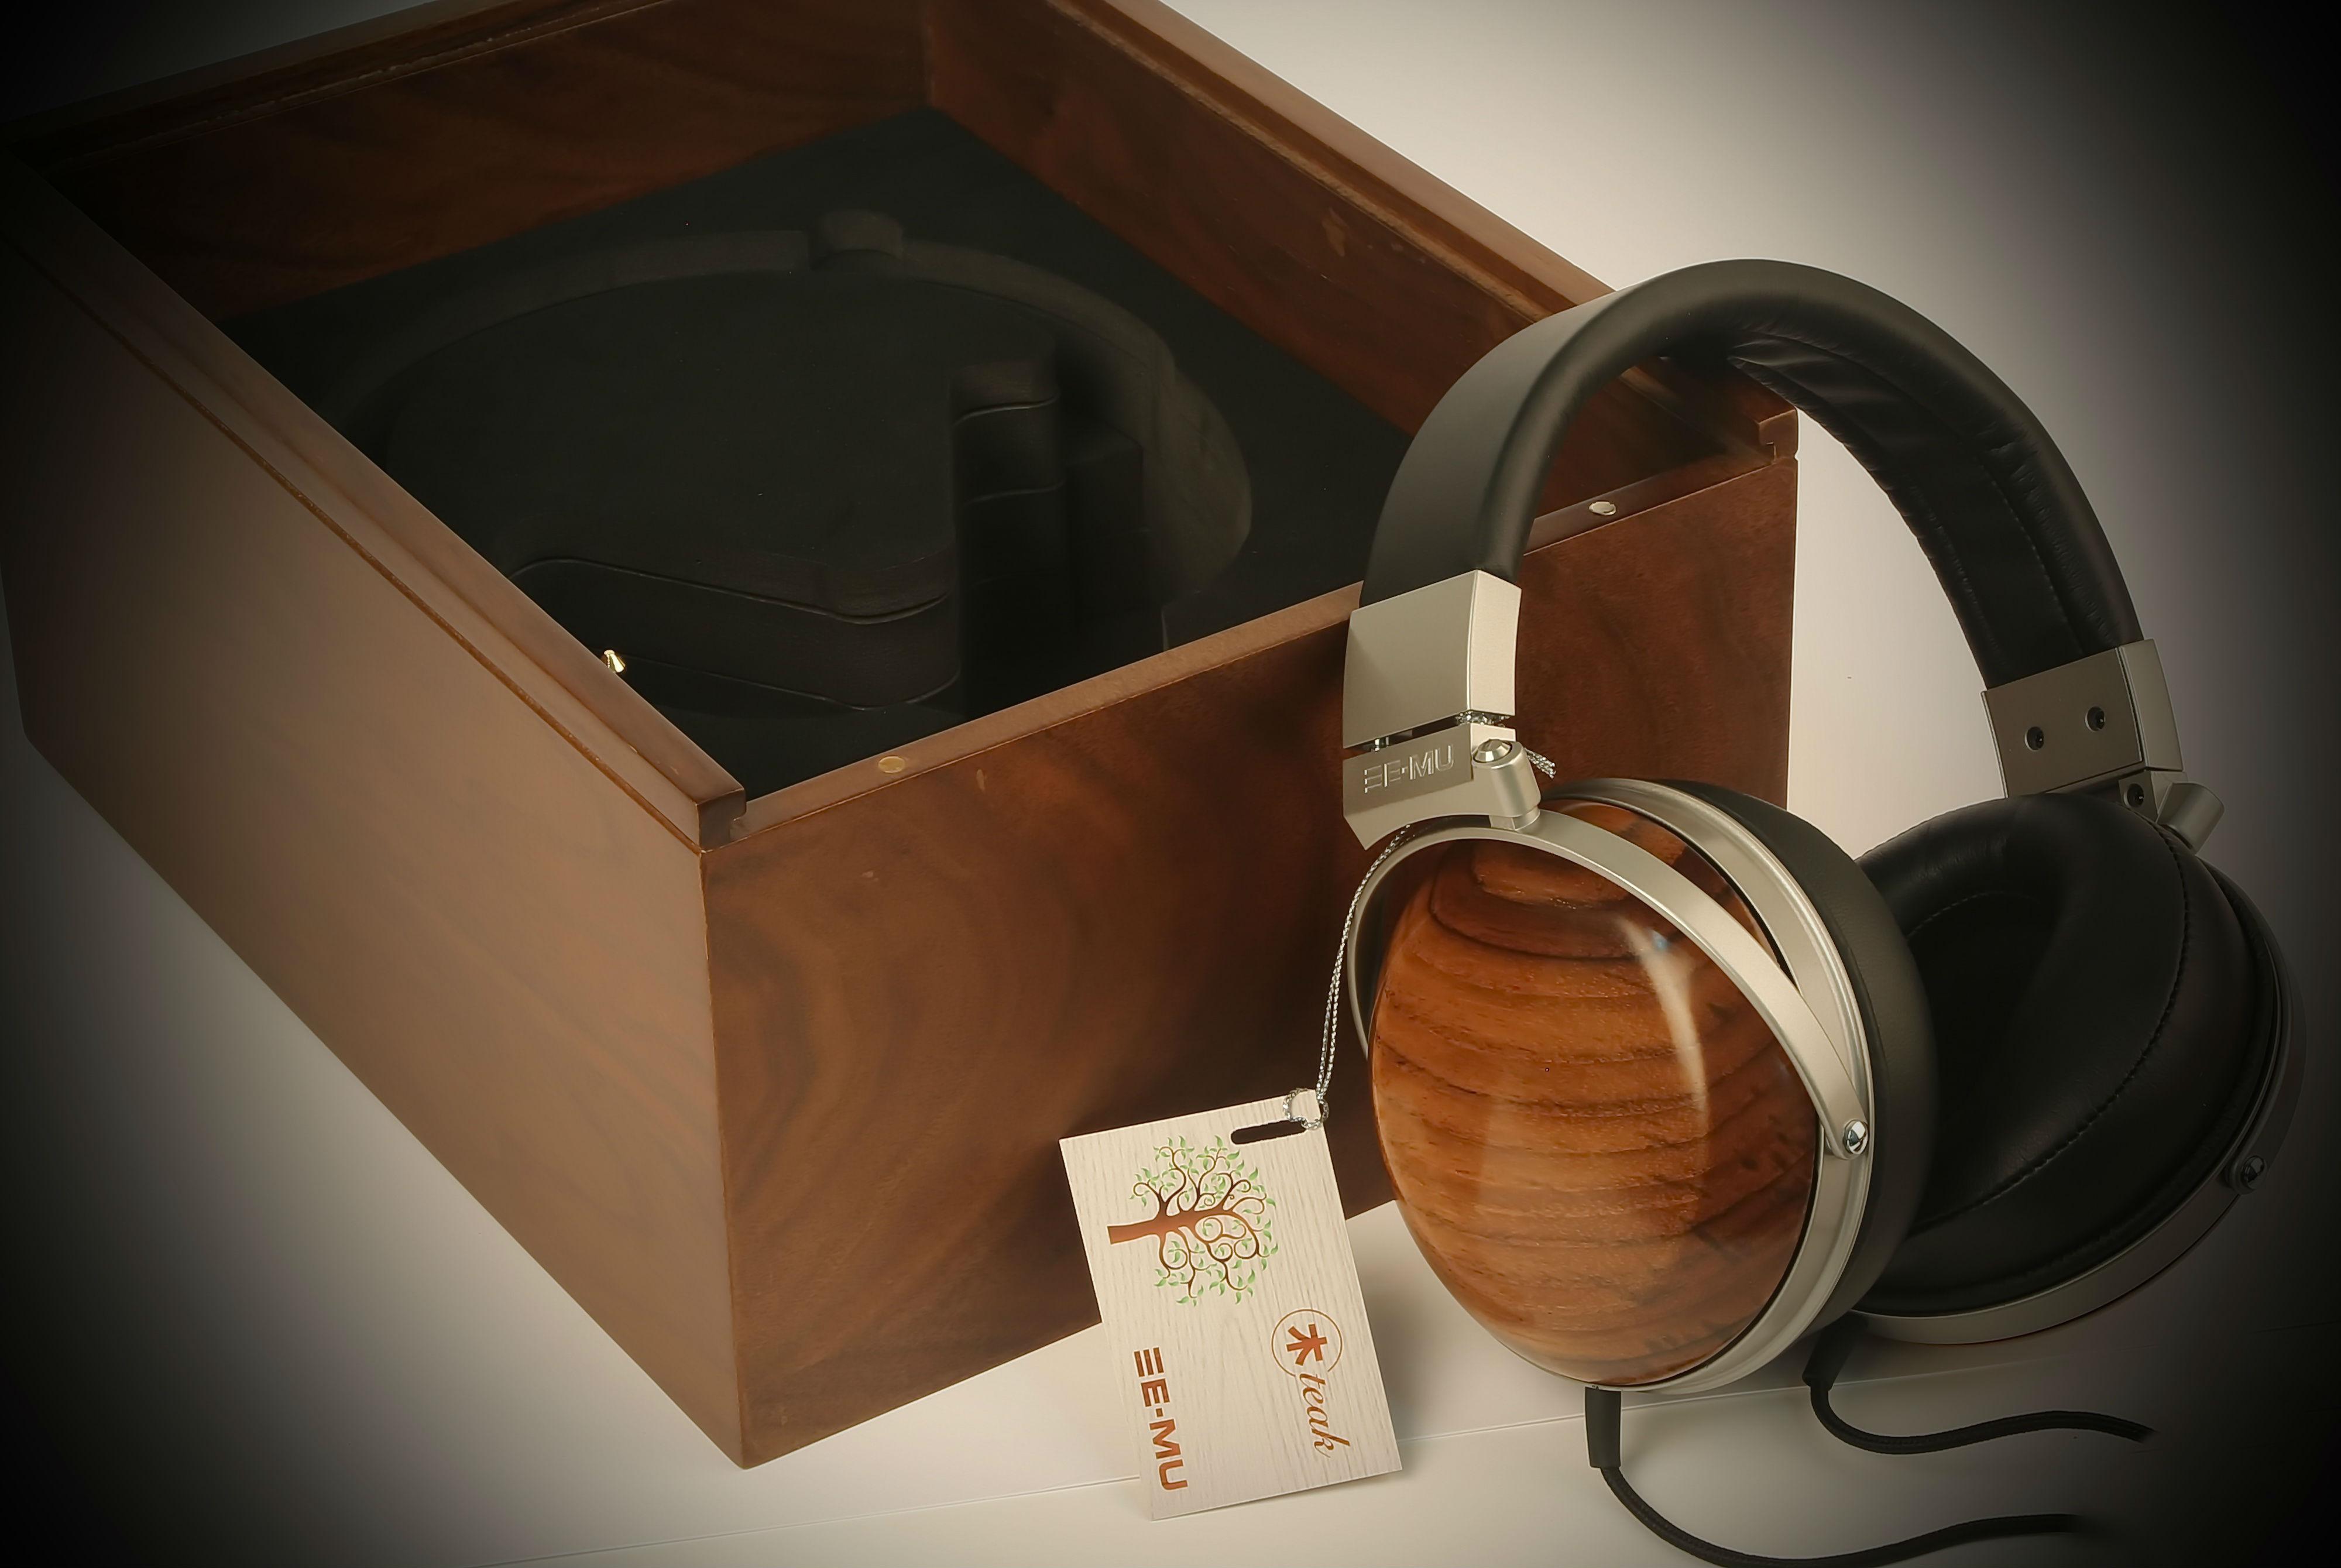 Аудиофилы получат возможность приобрести наушники с деревянными корпусами